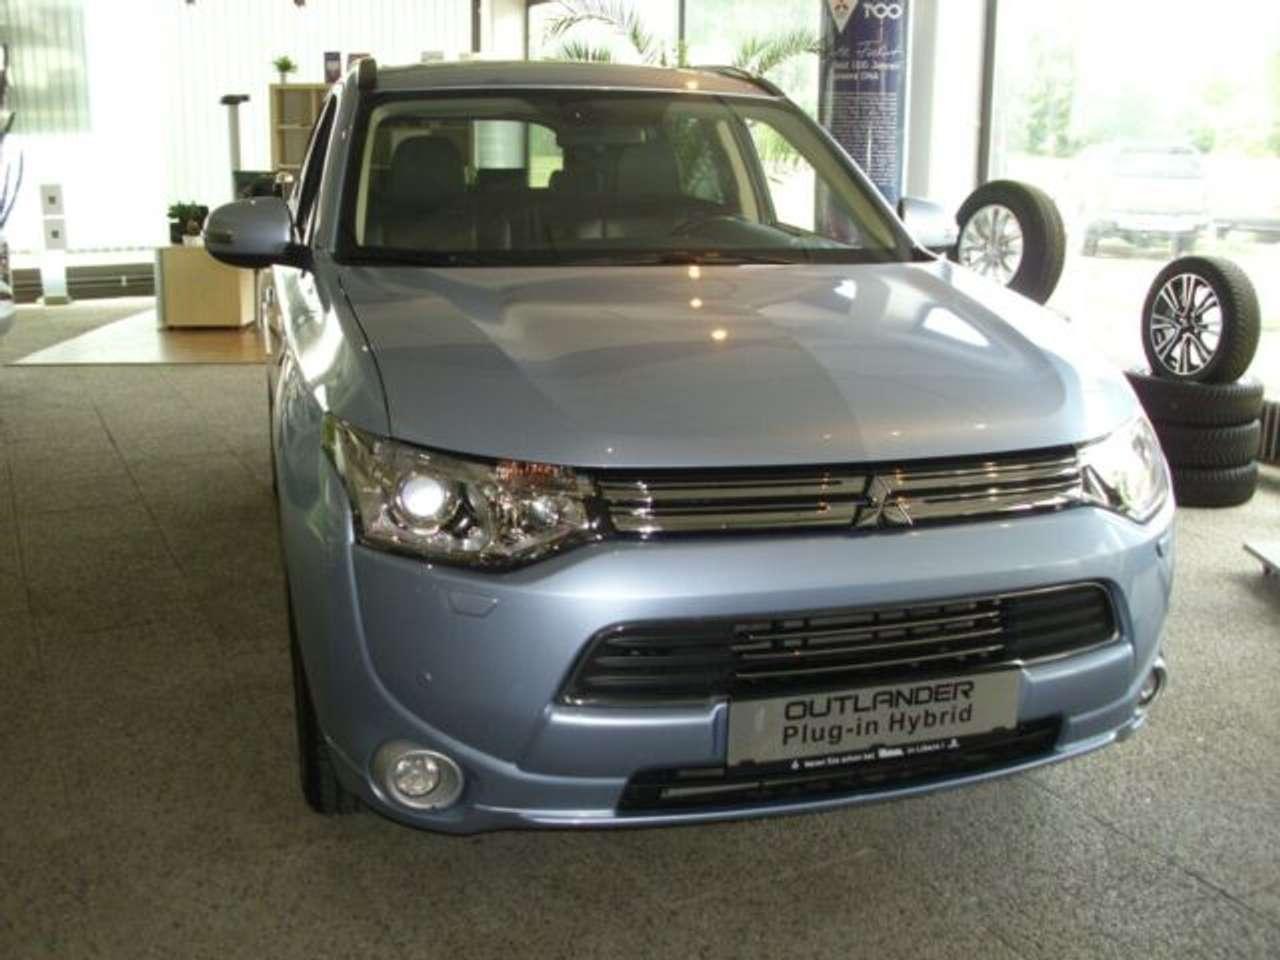 Autos nach Mitsubishi Outlander Plug-In Hybrid